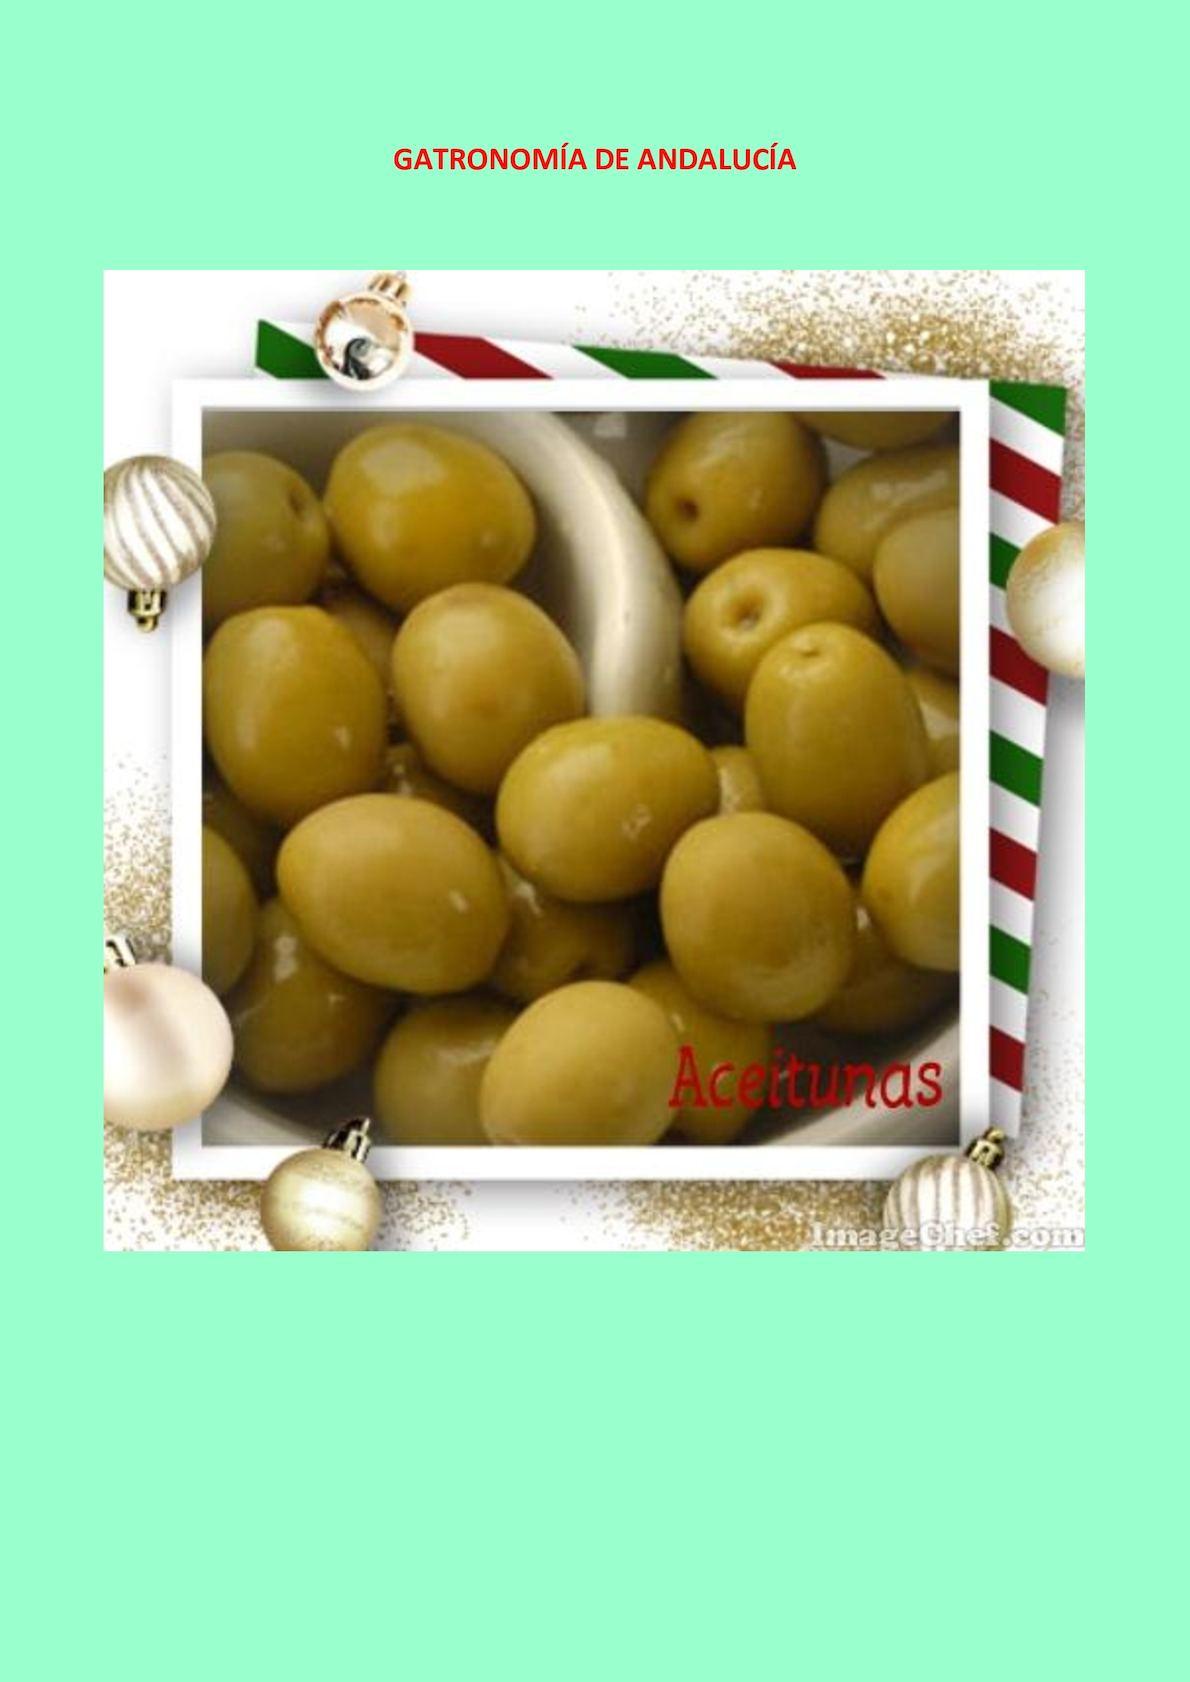 Gatronomía De Andalucía